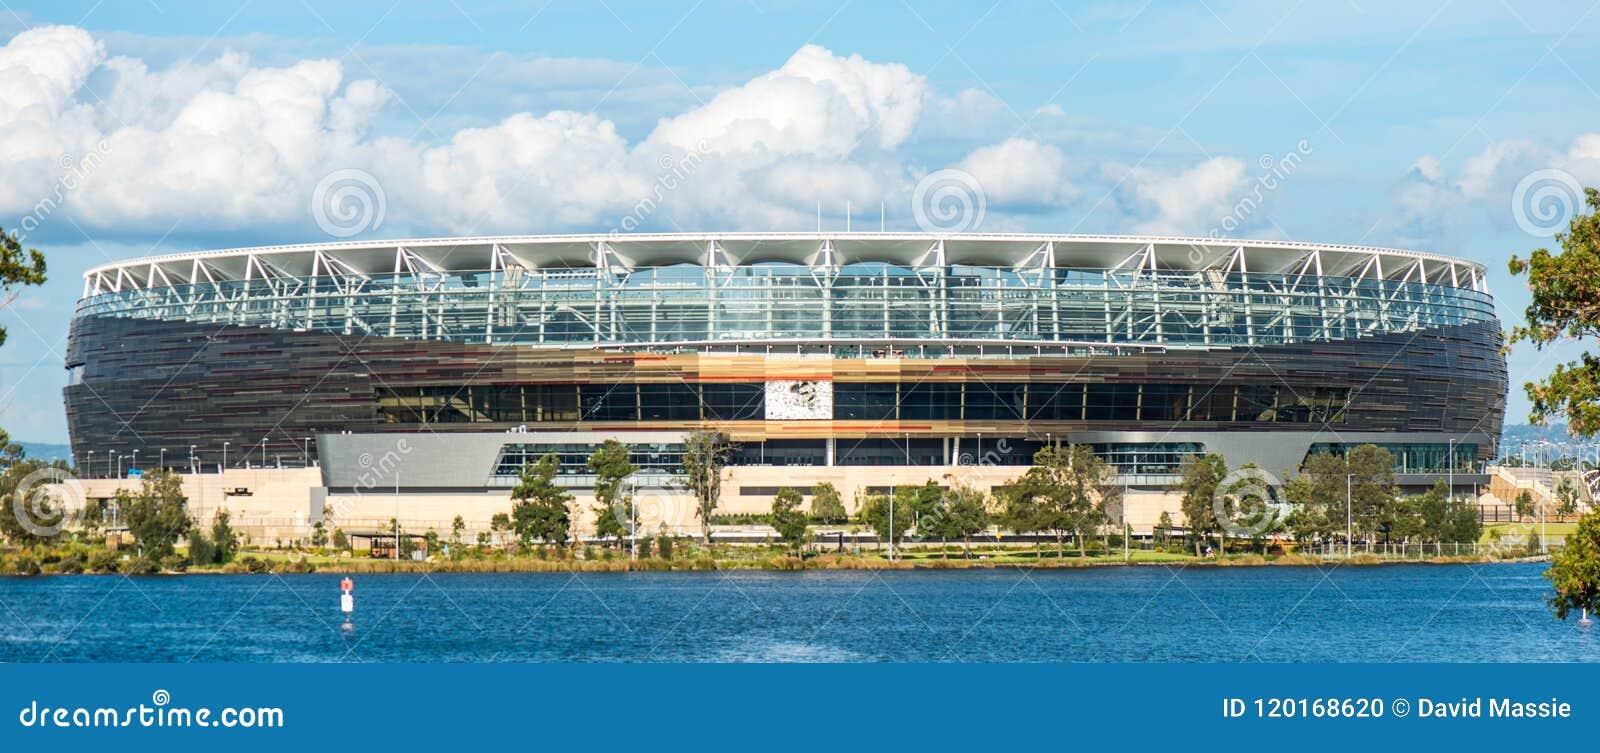 Nouveau stade de football dans l Australien occidental